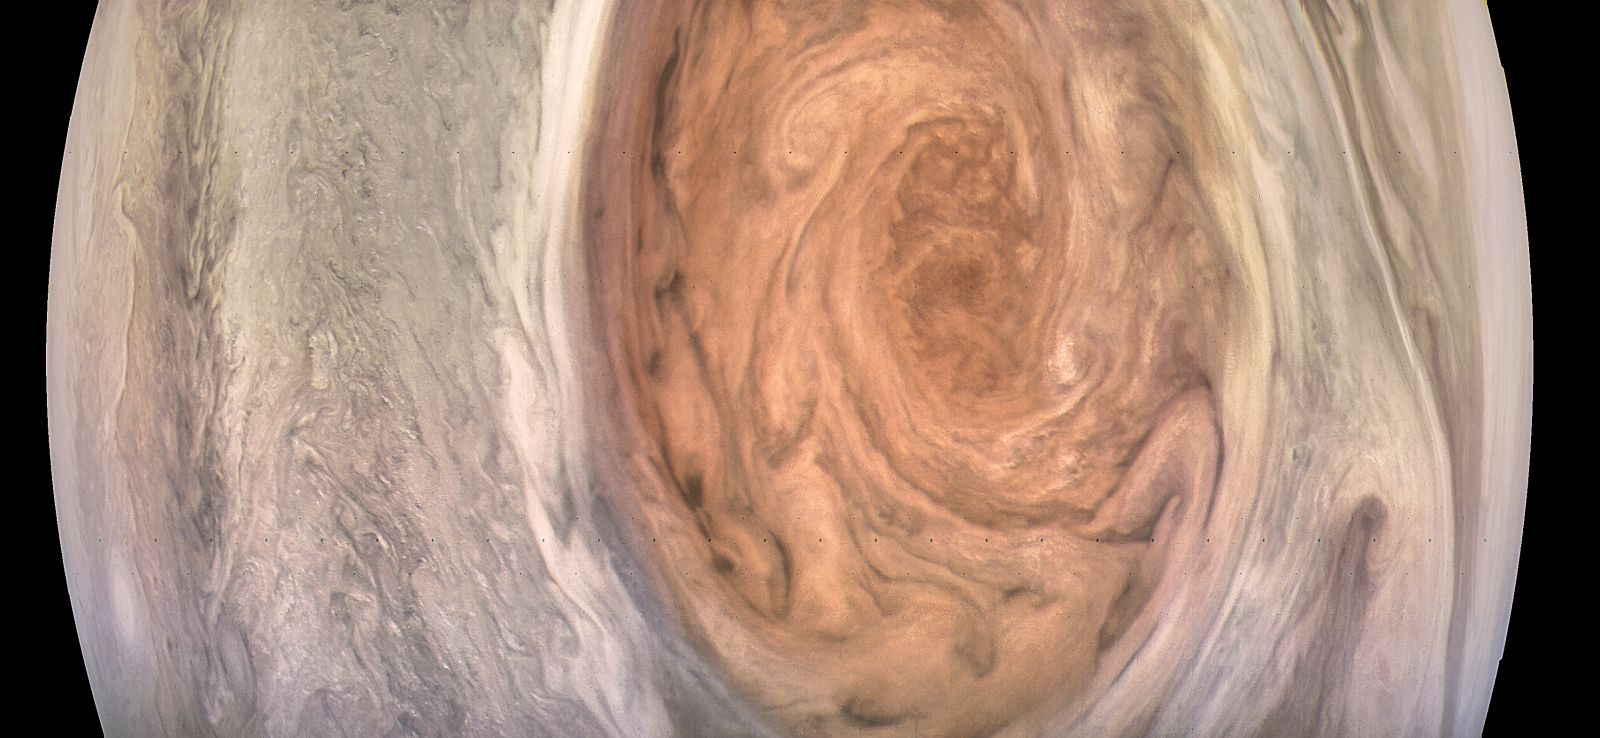 Космический зонд Juno прислал детальные снимки Большого красного пятна Юпитера - 2